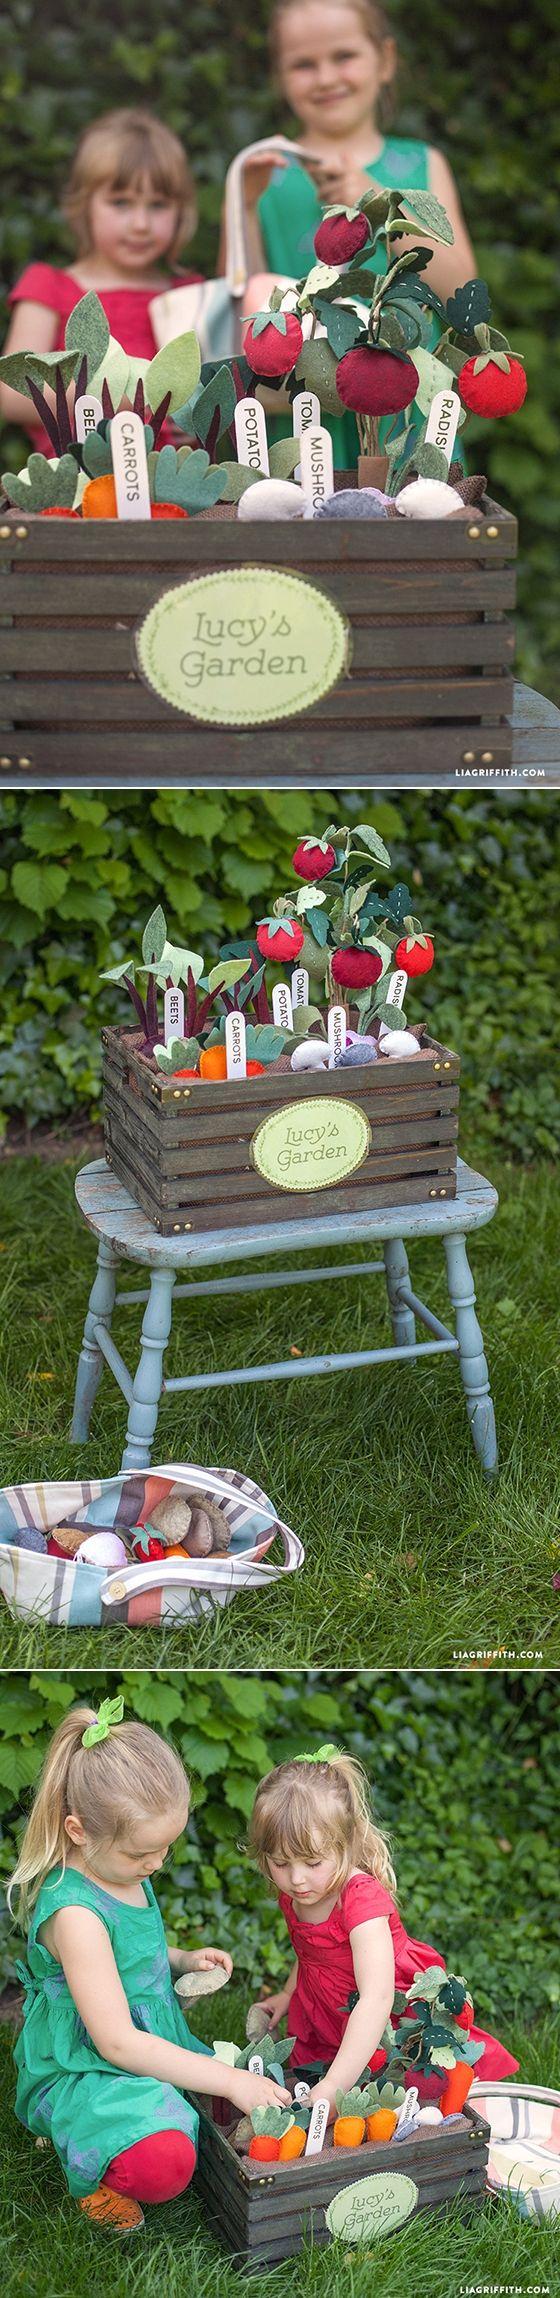 #DIY #feltproject #veggiegarden www.LiaGriffith.com